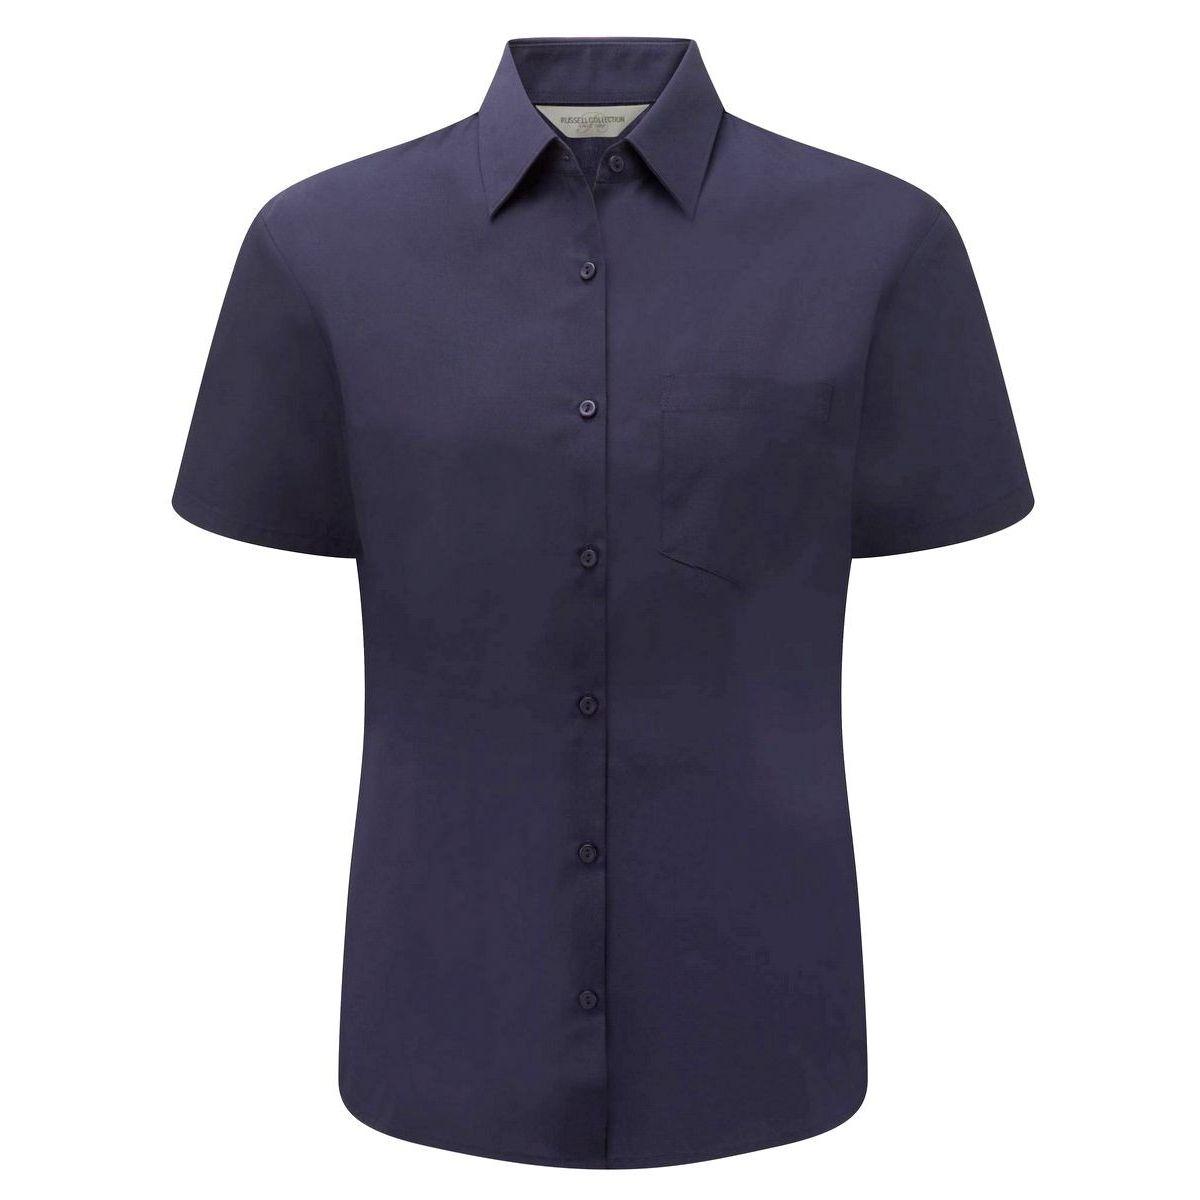 Lot de 2 chemisettes manches courtes popeline